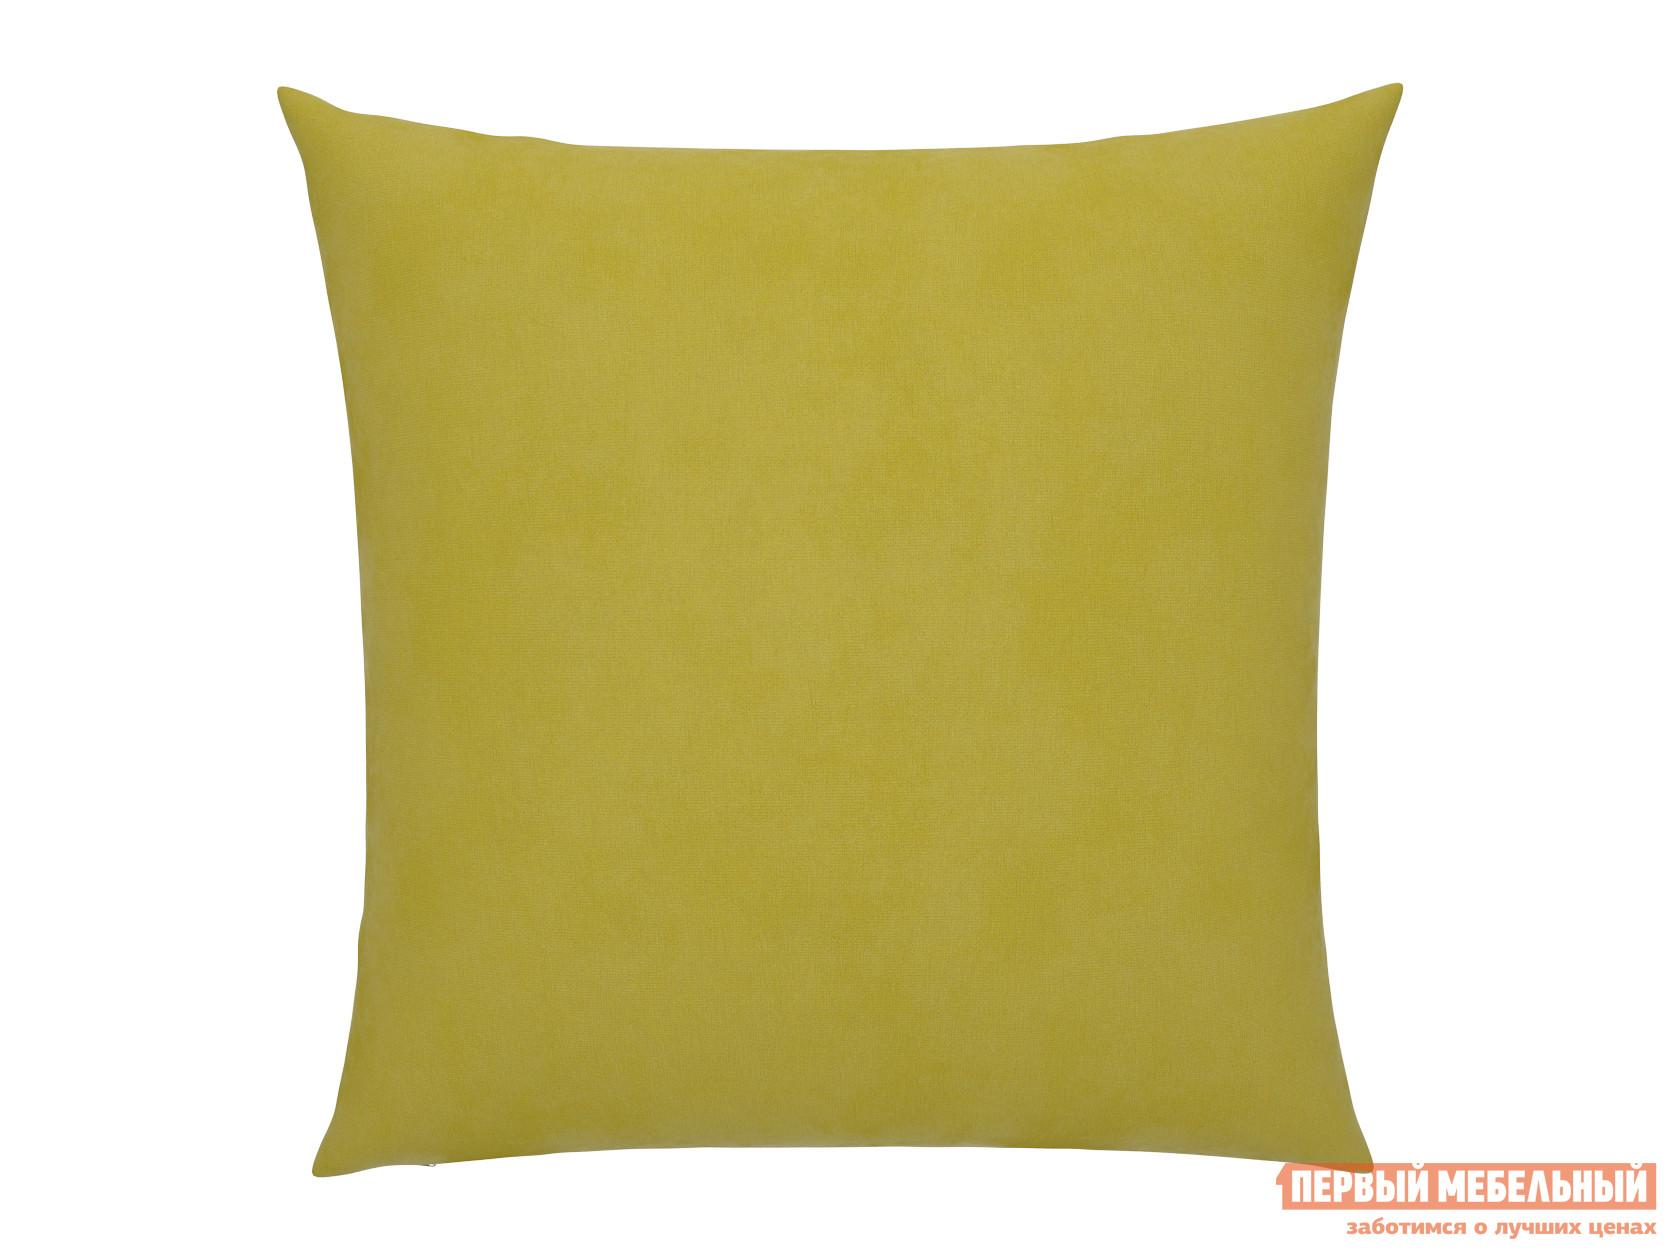 Аксессуар для дивана  Подушка для дивана 40х40  Желтый, велюр — Подушка для дивана 40х40  Желтый, велюр